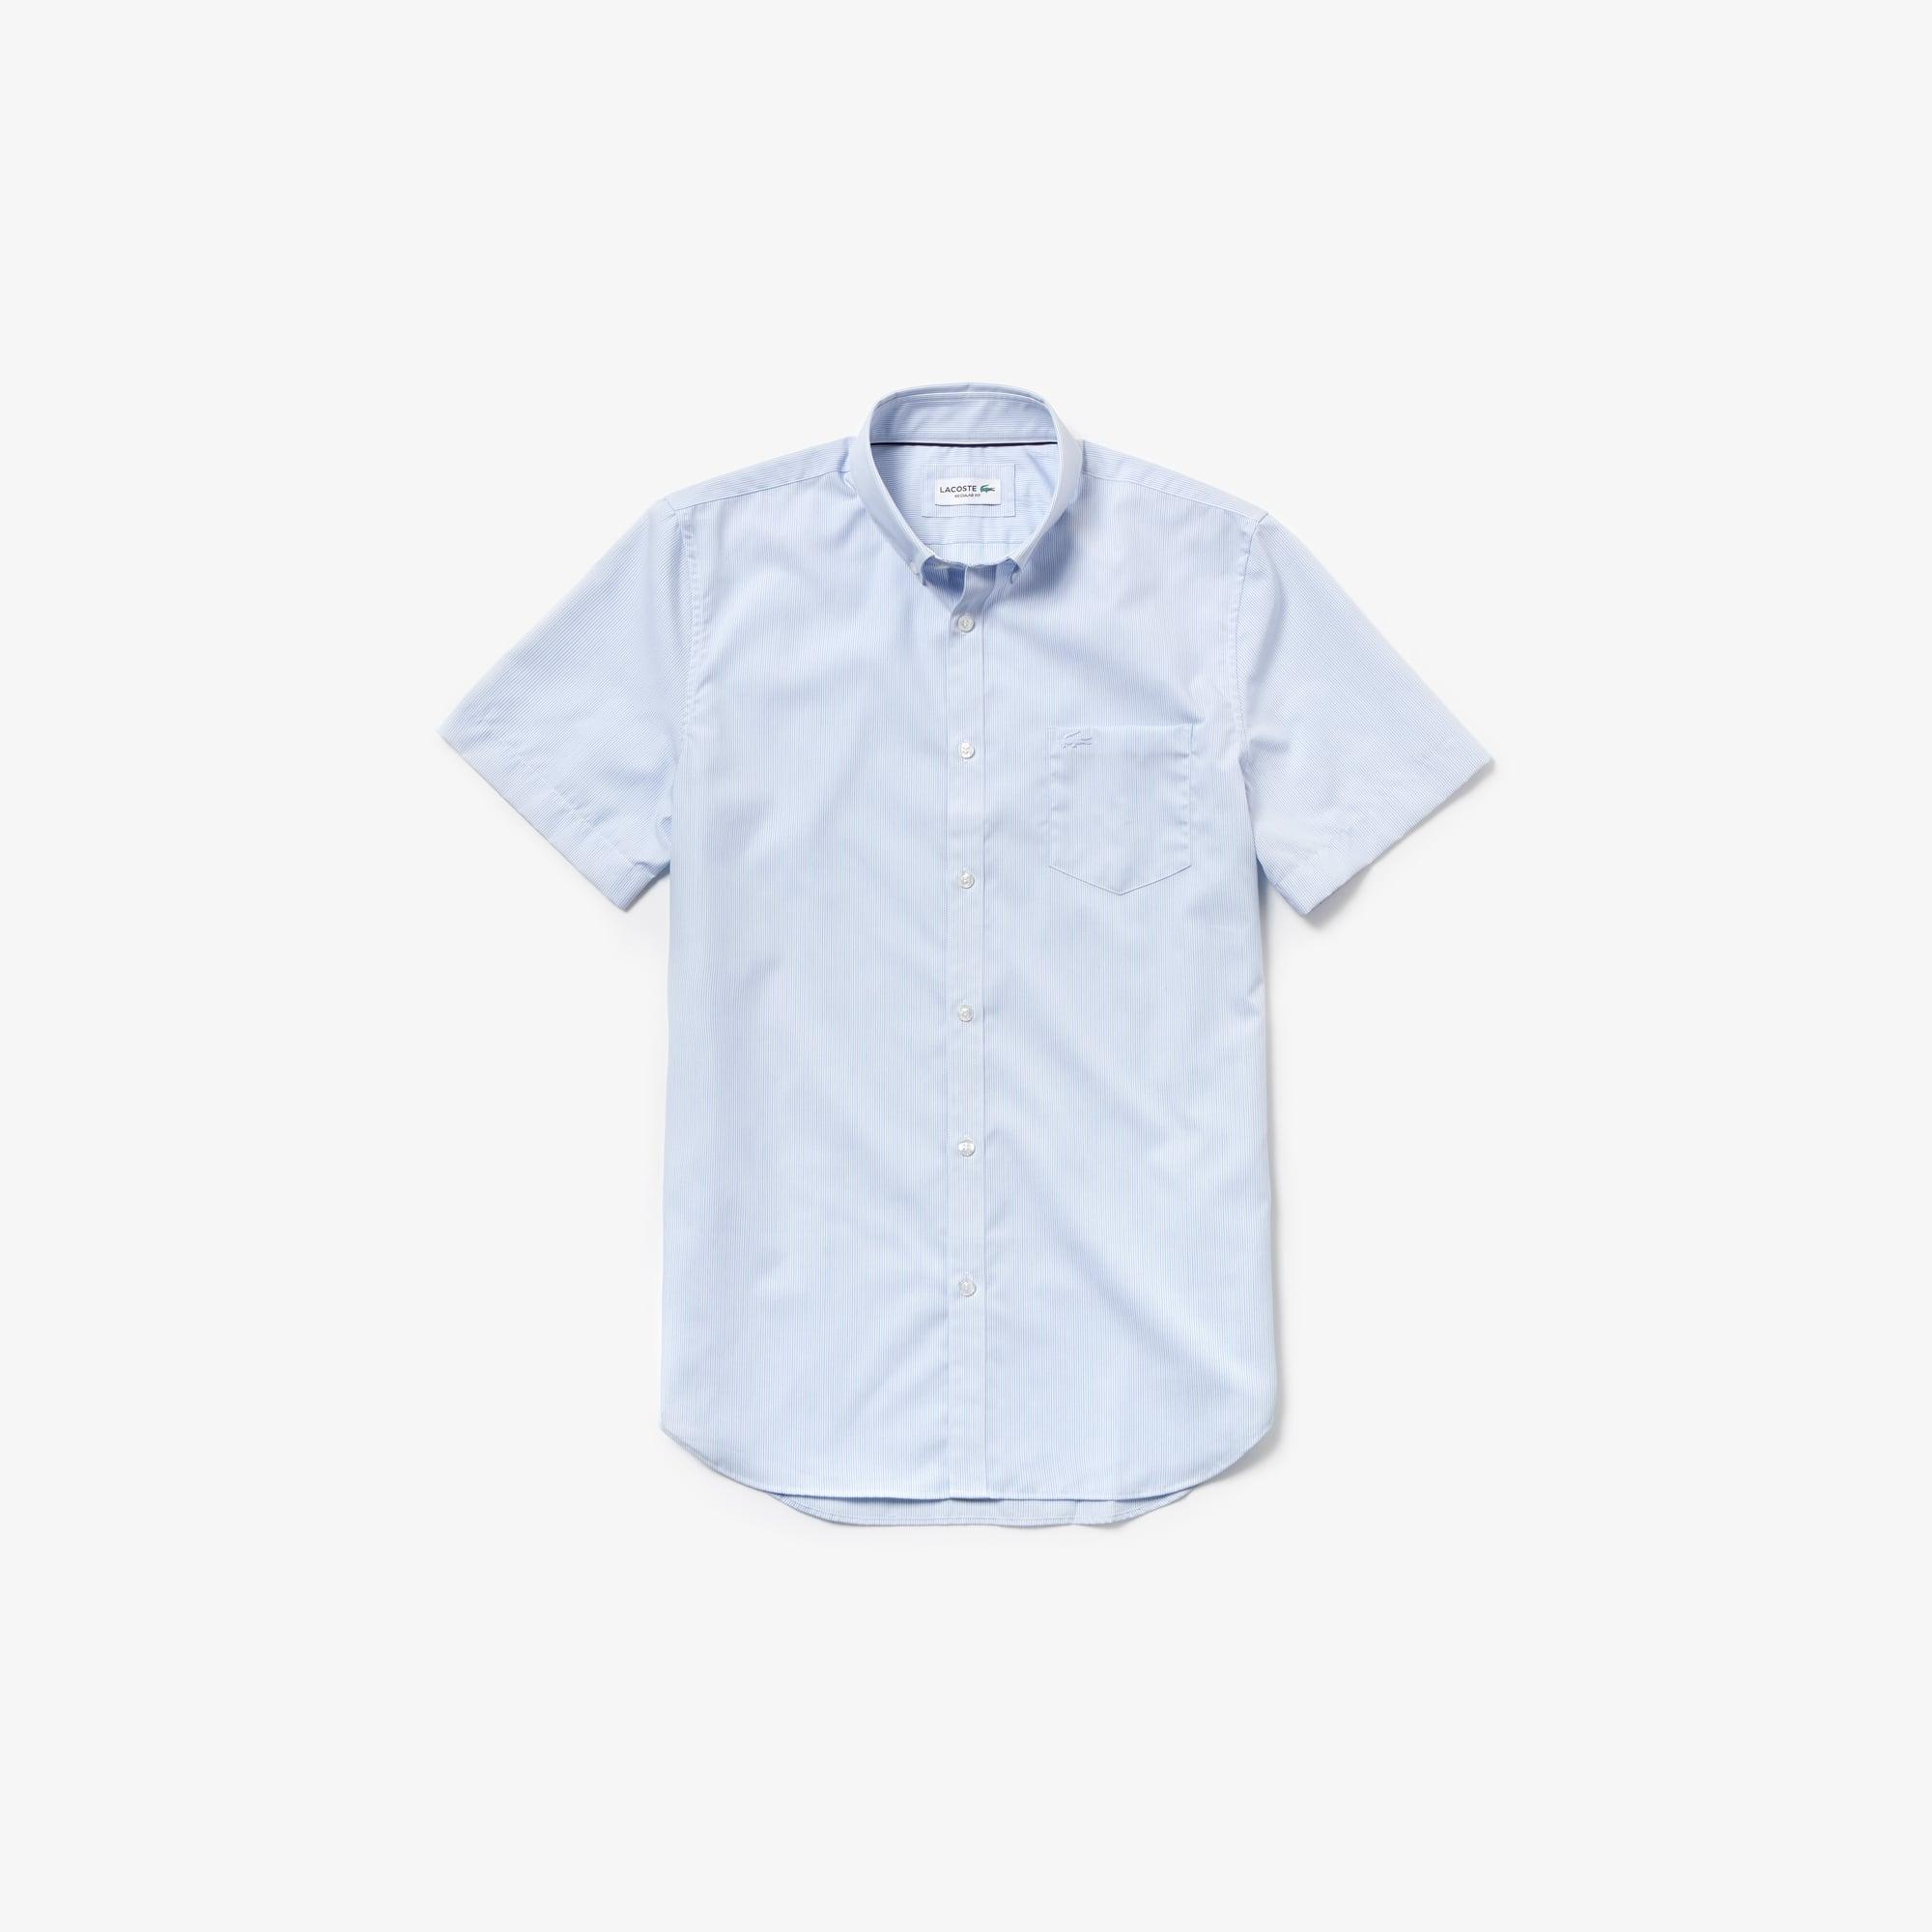 Regular Fit Herren-Hemd aus Baumwoll-Popeline mit Streifen